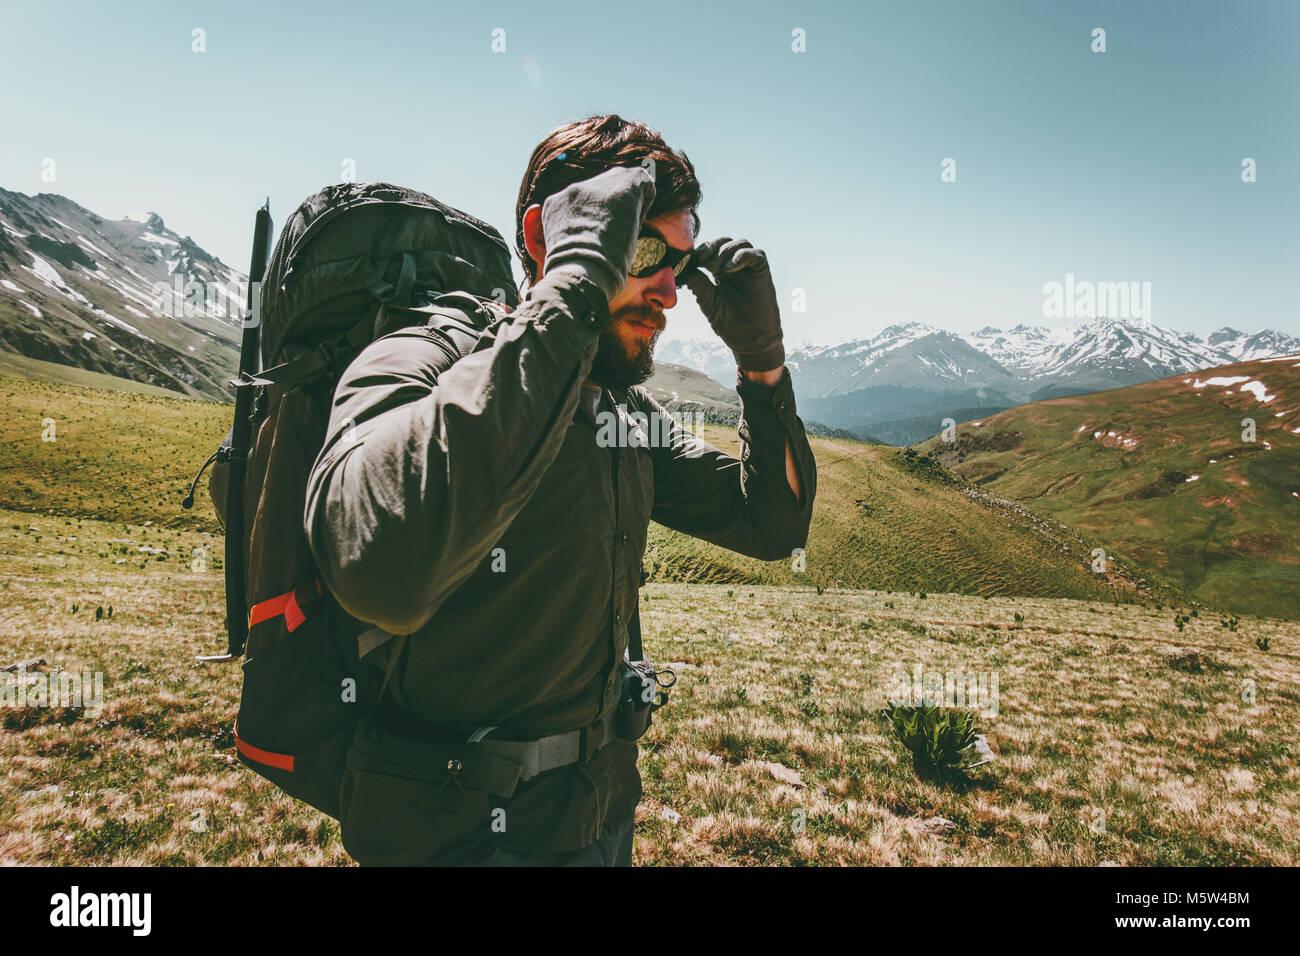 Randonnées en montagne l'homme backpacker style de voyage concept de survie en plein air aventure vacances actives Banque D'Images